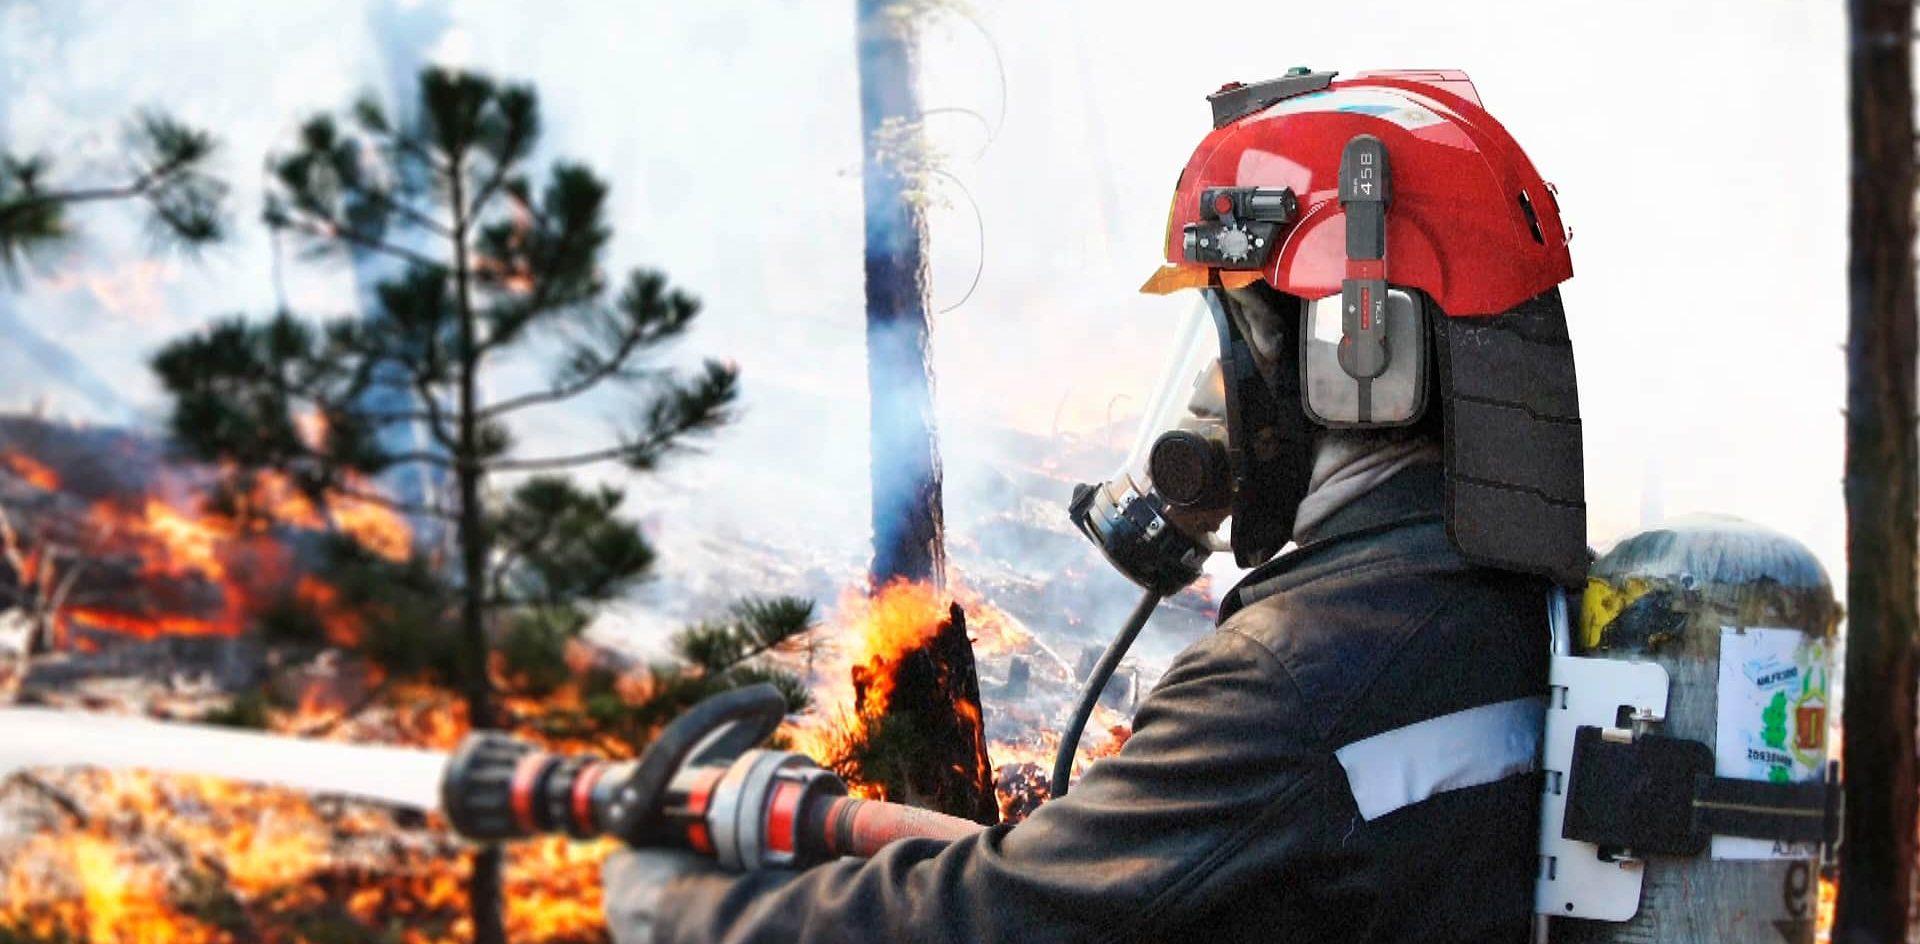 Diseñan un casco con innovaciones tecnológicas para mejorar la seguridad de los bomberos cordobeses